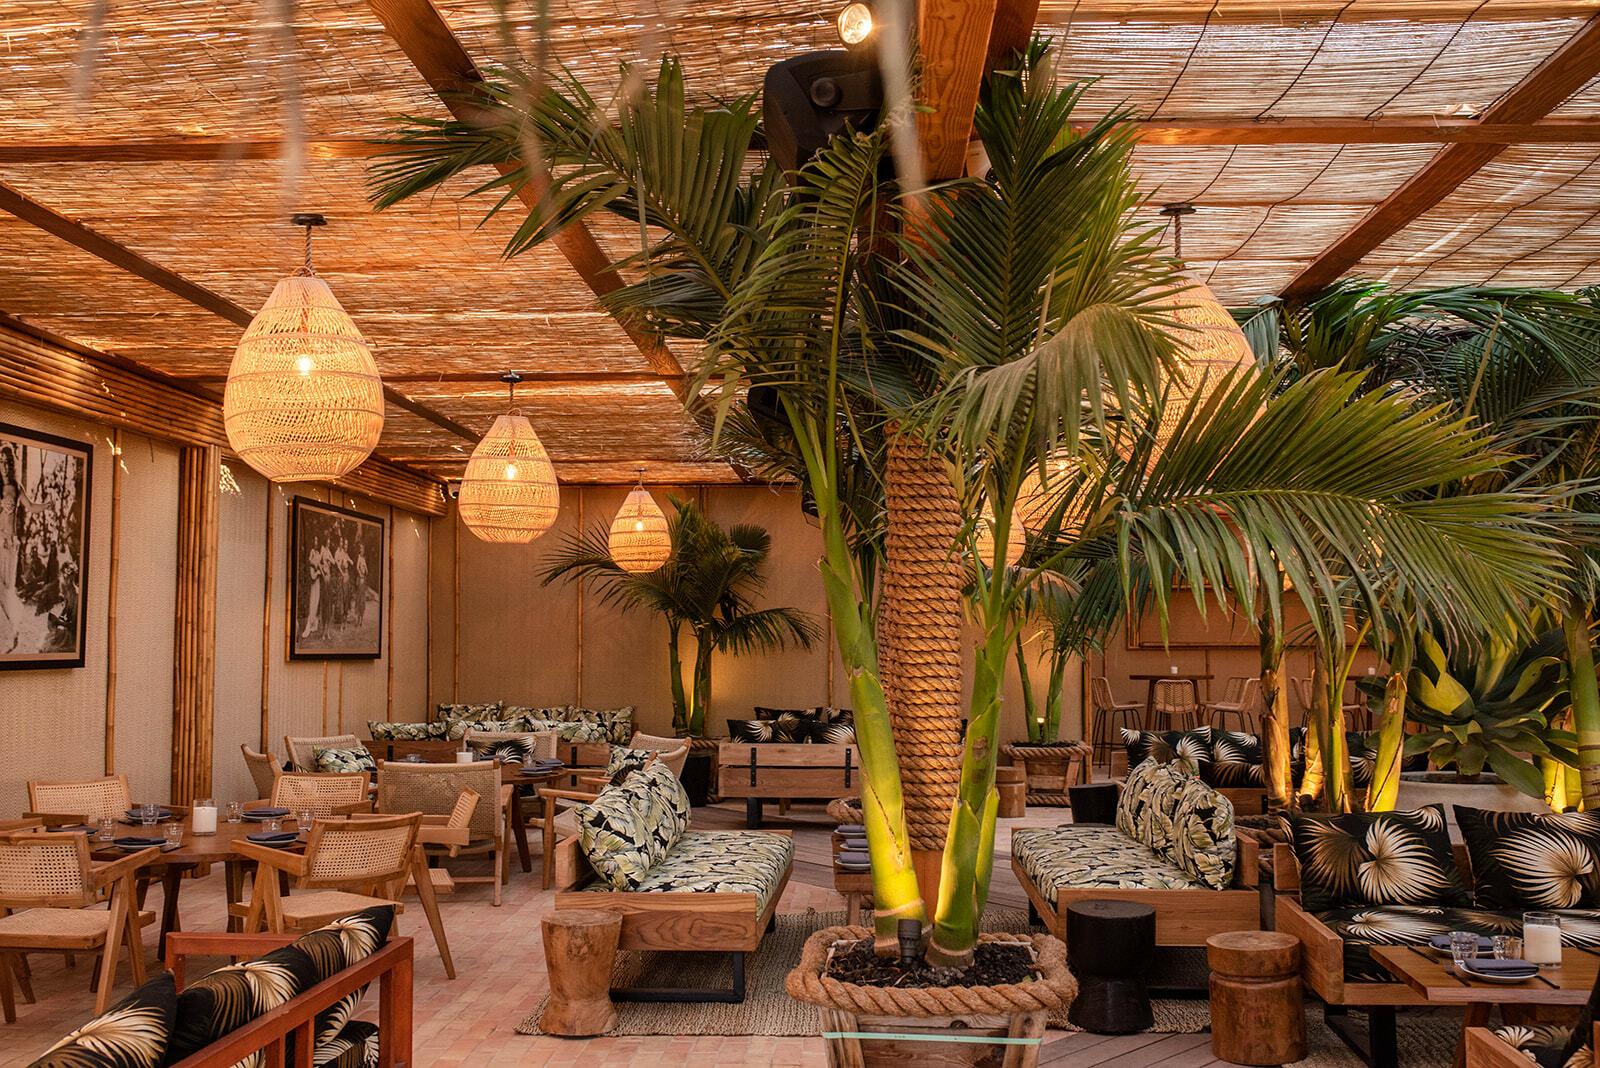 The hospitality group behind Elephanté just opened a Hawaiian tiki bar in Venice